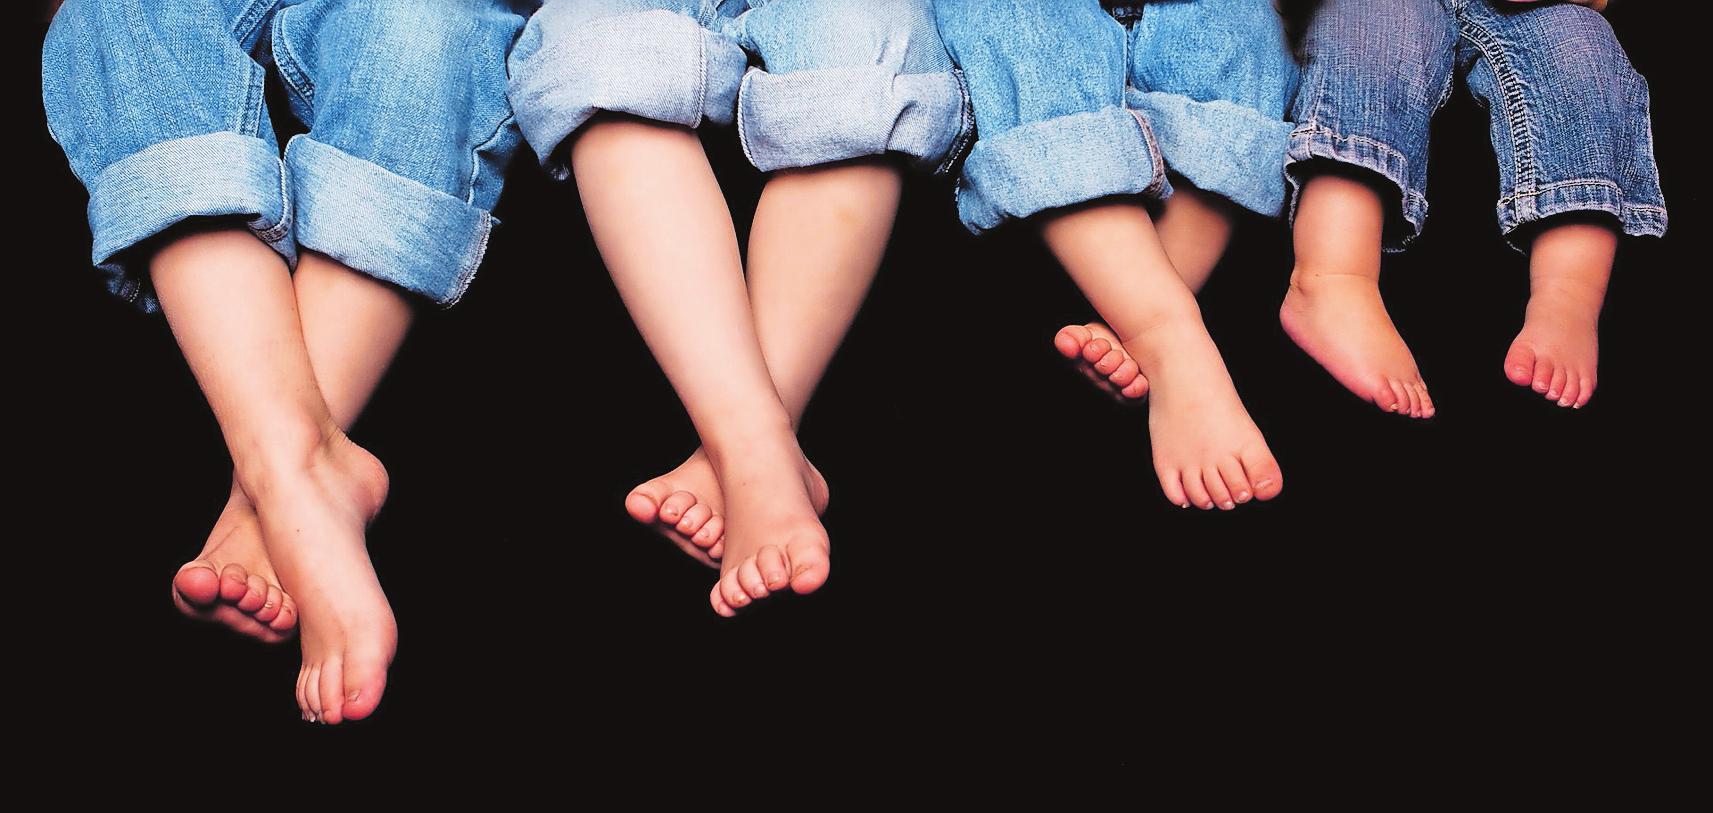 Zeigt her eure Füße: Podologen pflegen und korrigieren Fehlstellungen professionell.FOTO: NICOLEMIRANDA/PIXABAY